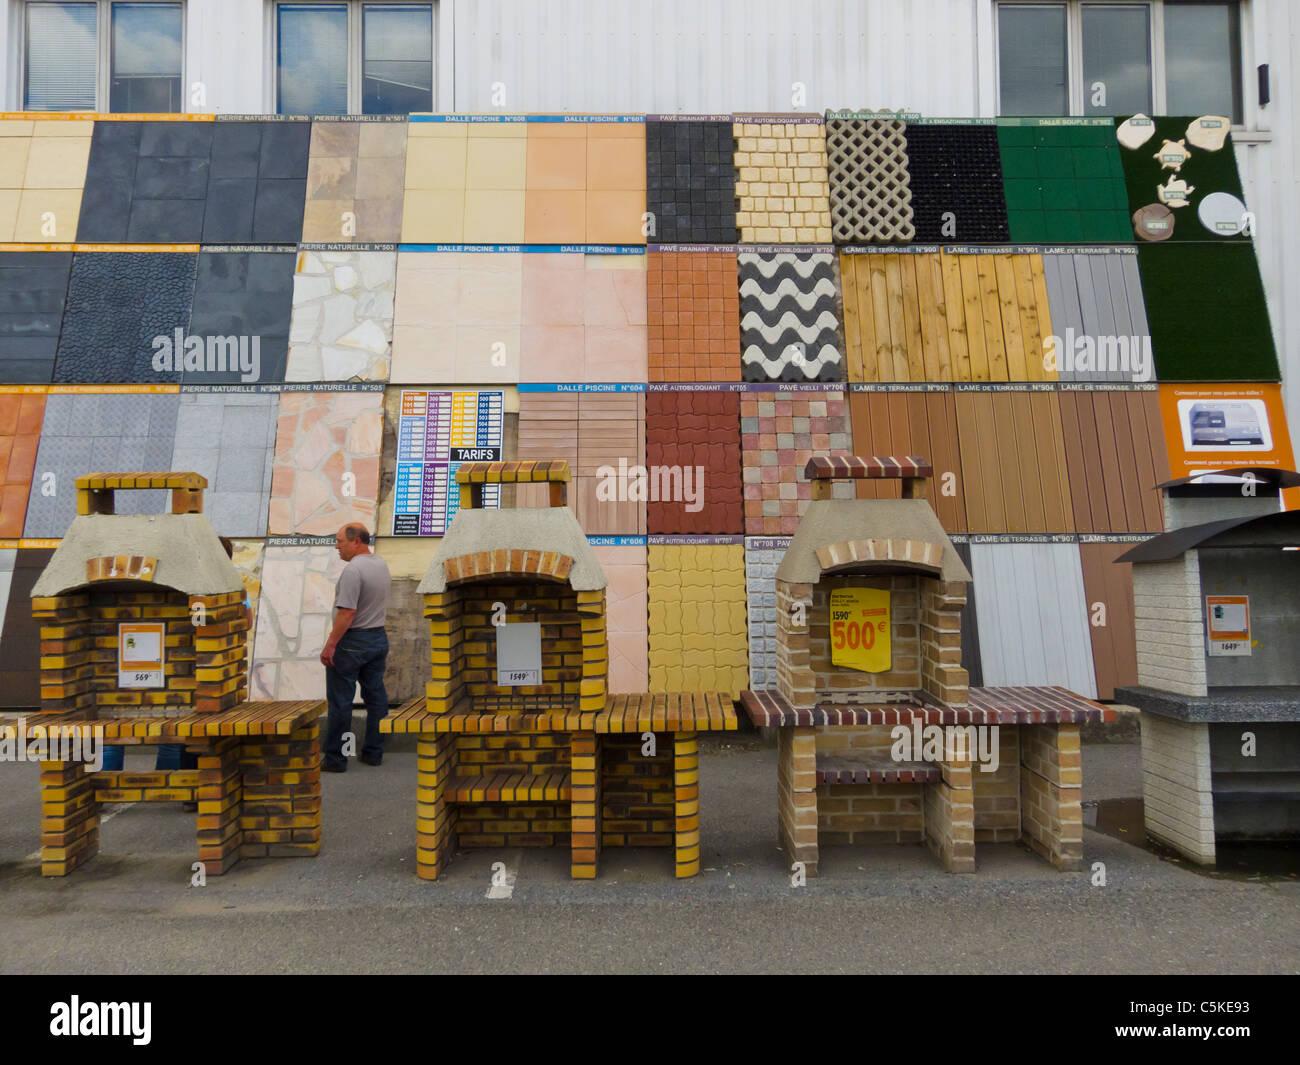 Creteil France Bricolage Castorama Magasin Hardwares Carreaux Produits Sur L Affichage A L Exterieur Photo Stock Alamy